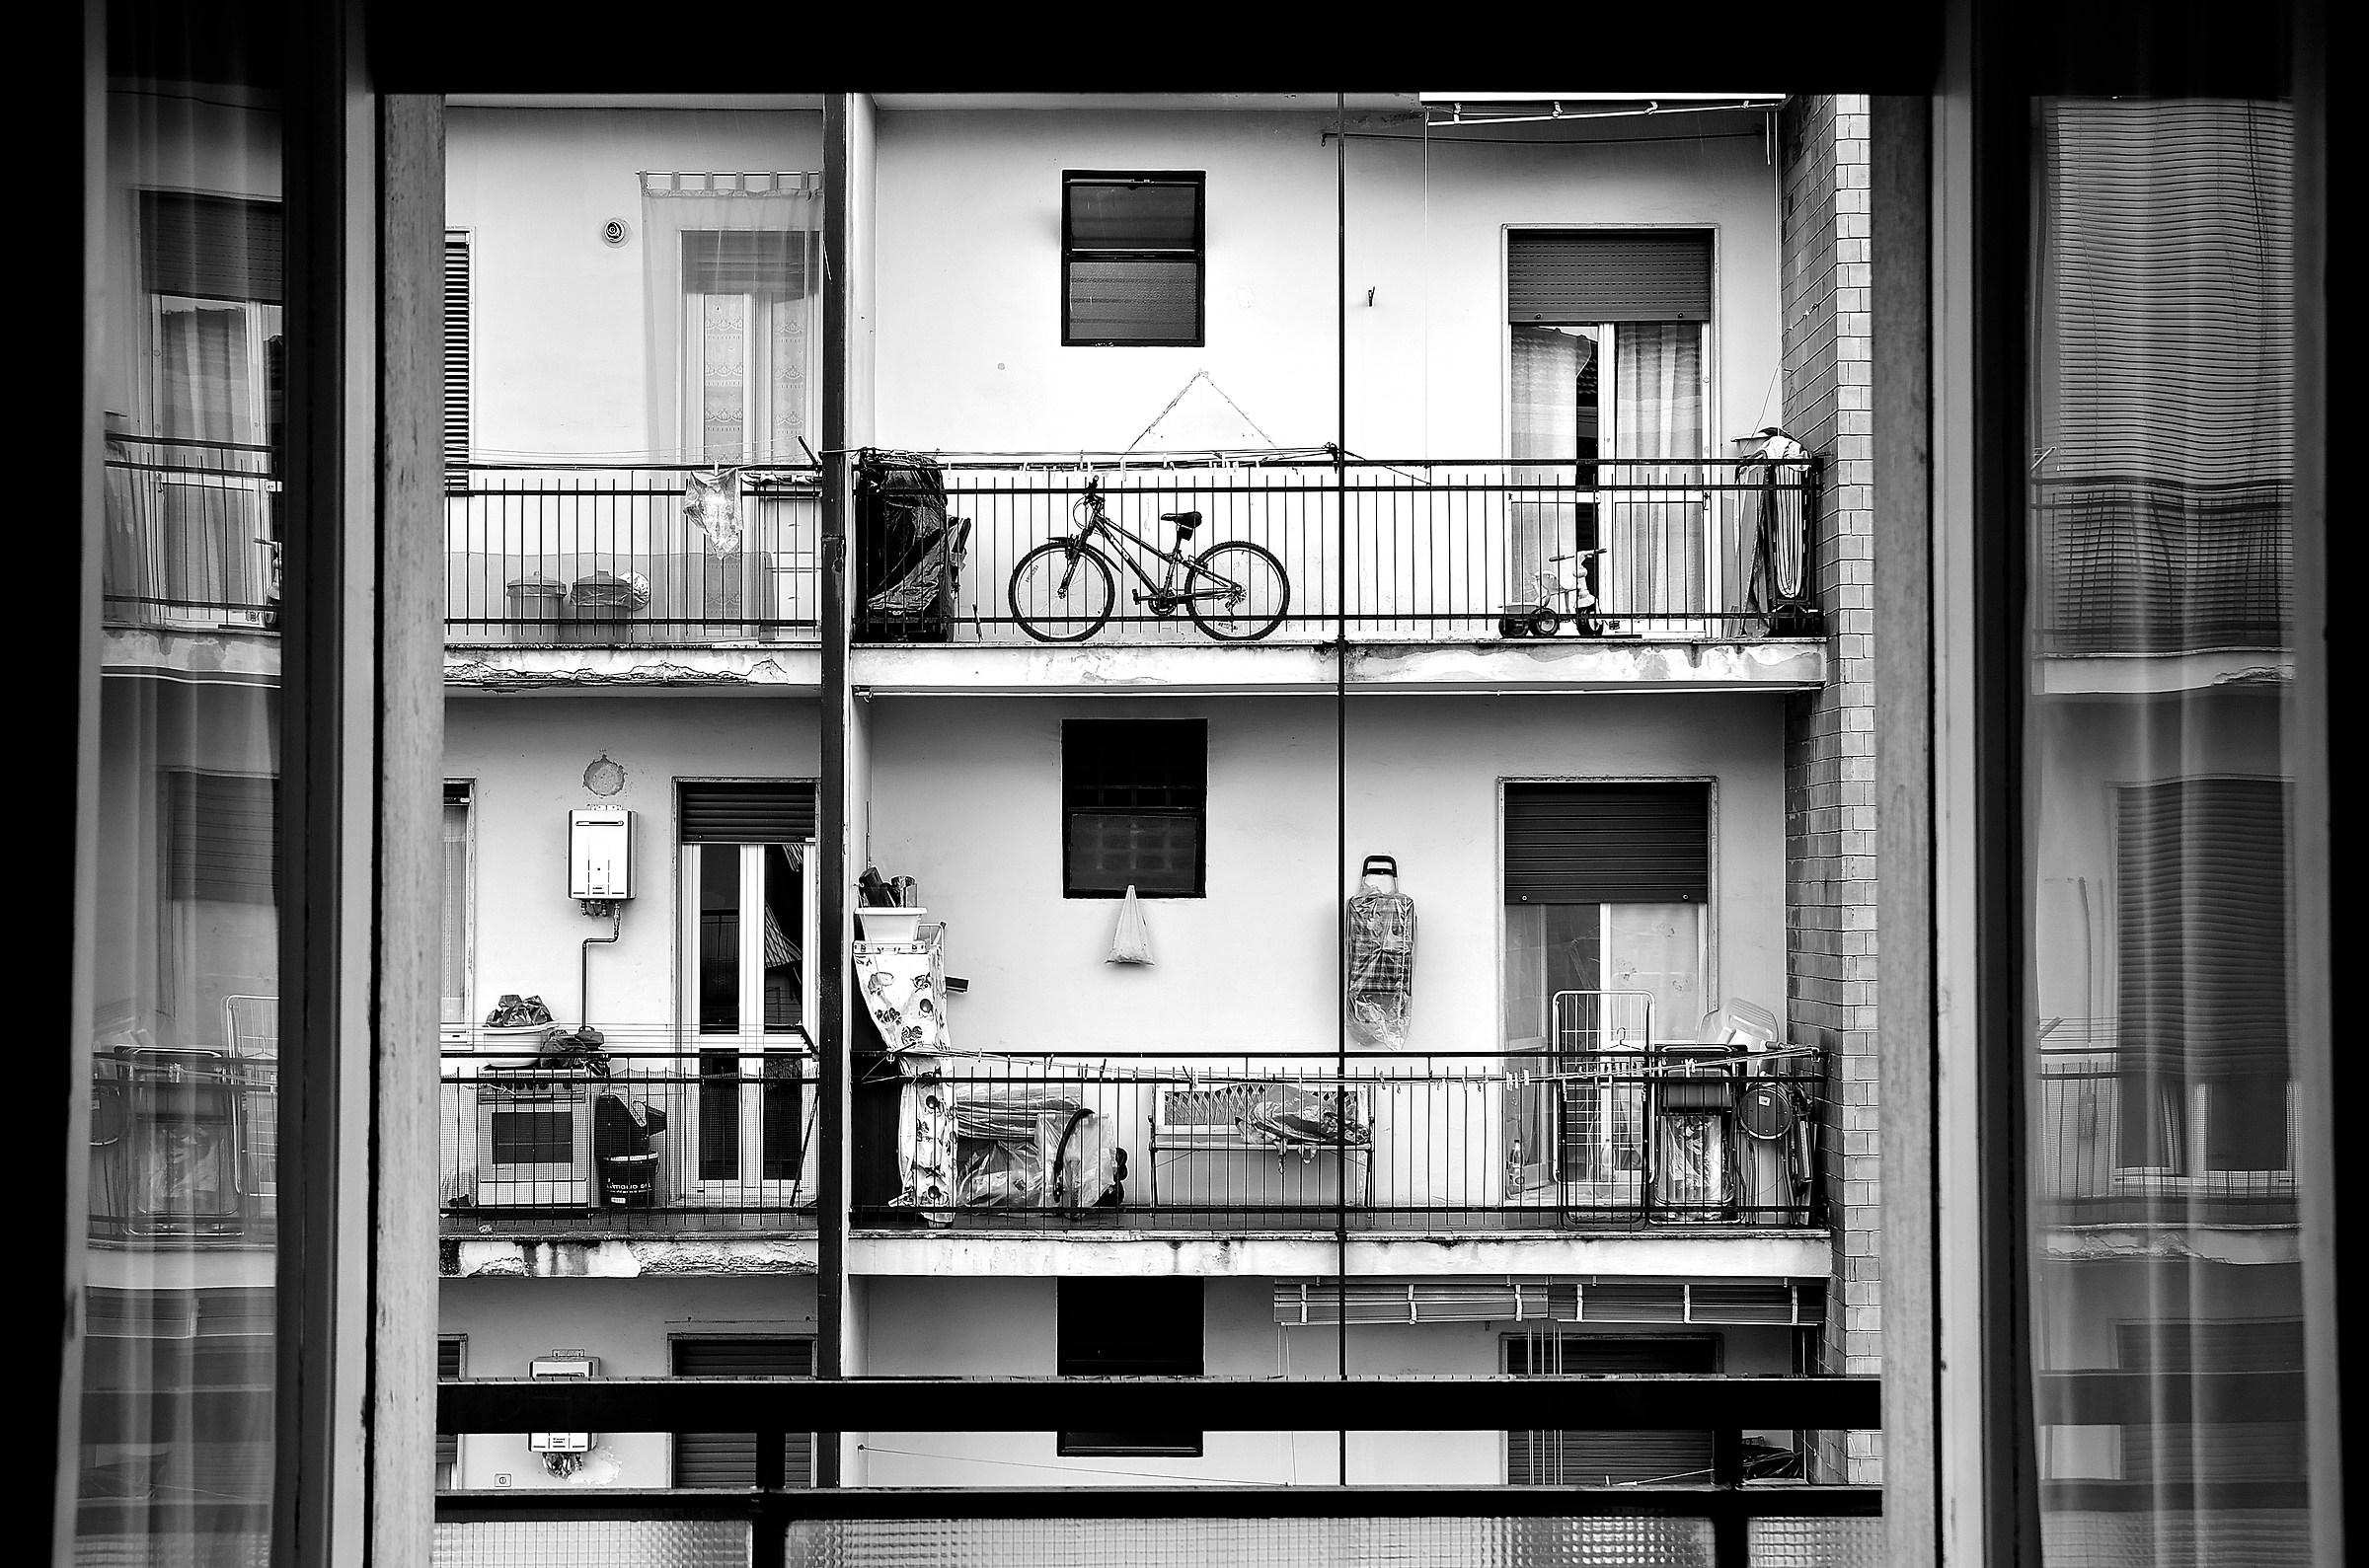 La finestra sul cortile juzaphoto - La finestra sul cortile sciacca ...